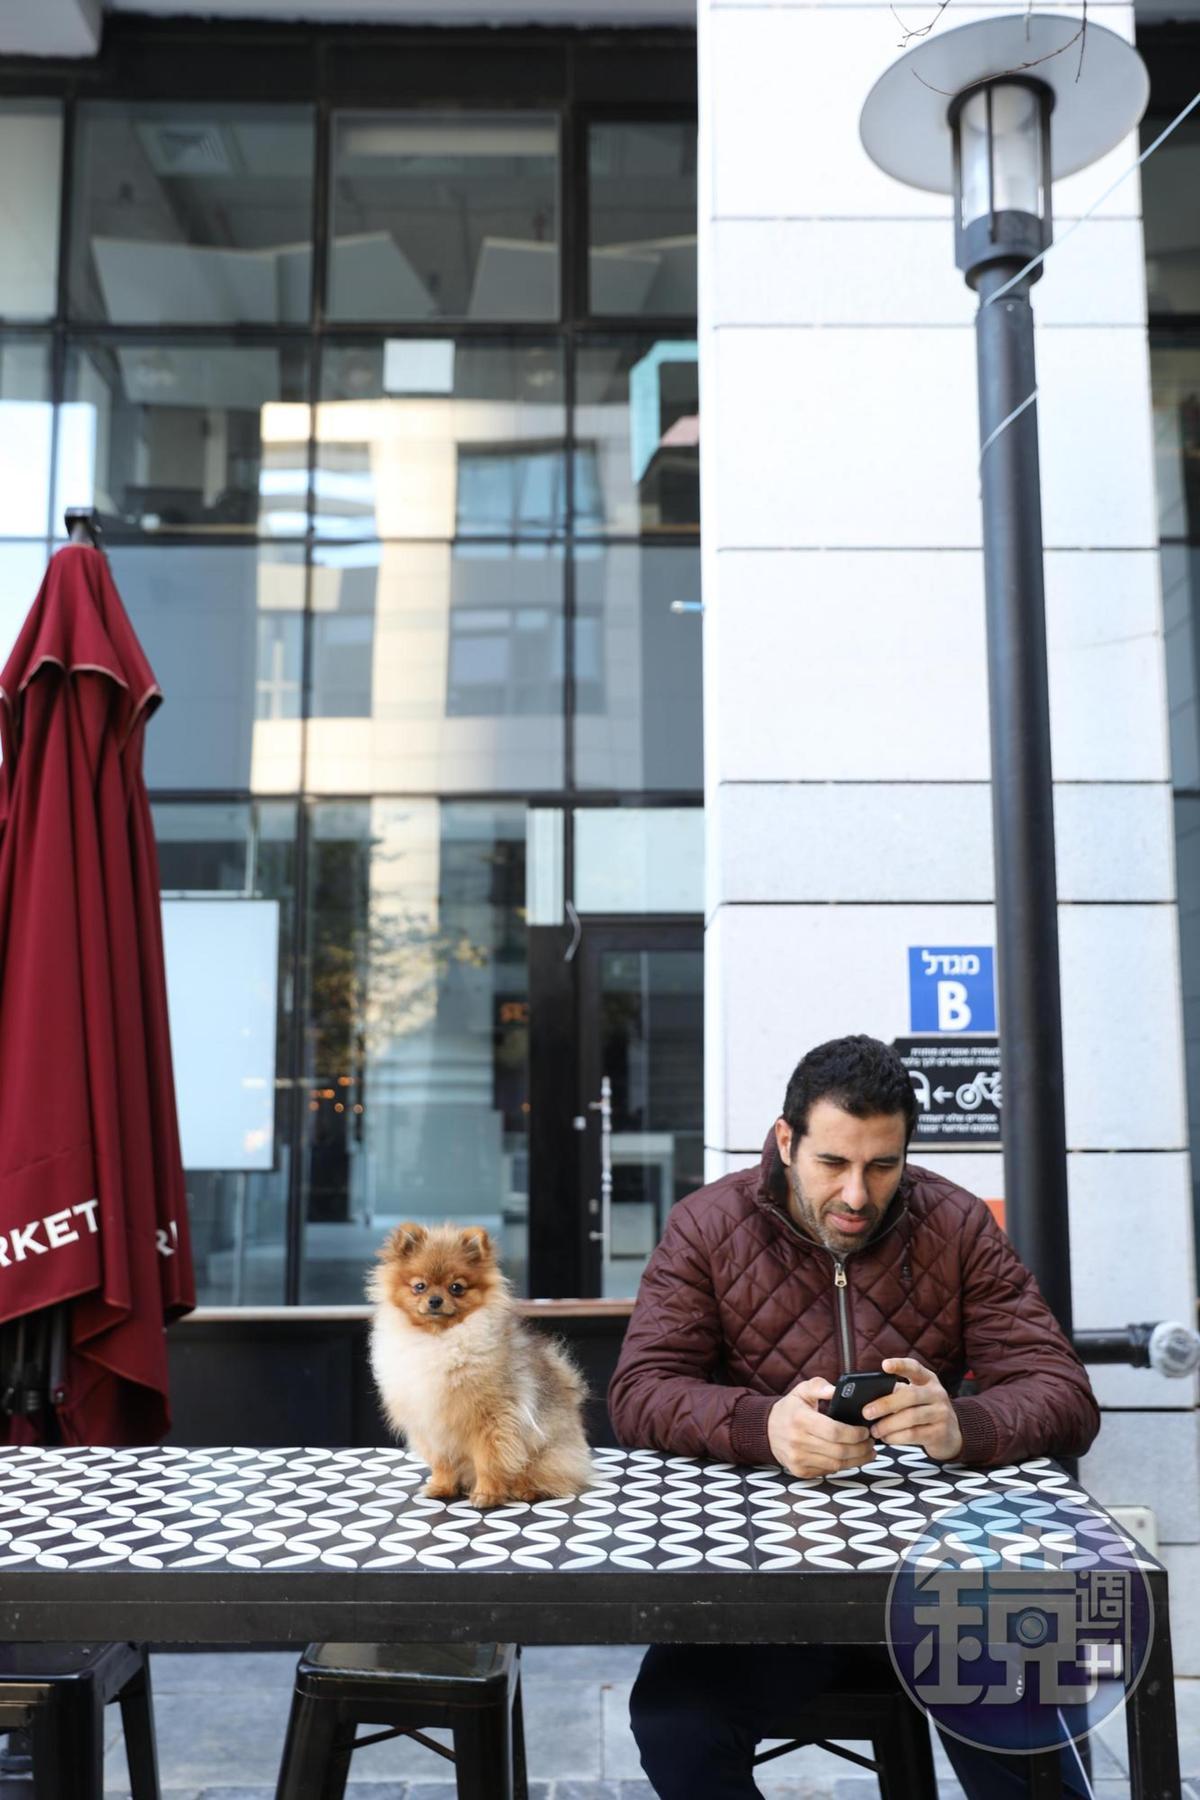 帶著寵物在市場外等人的男子。